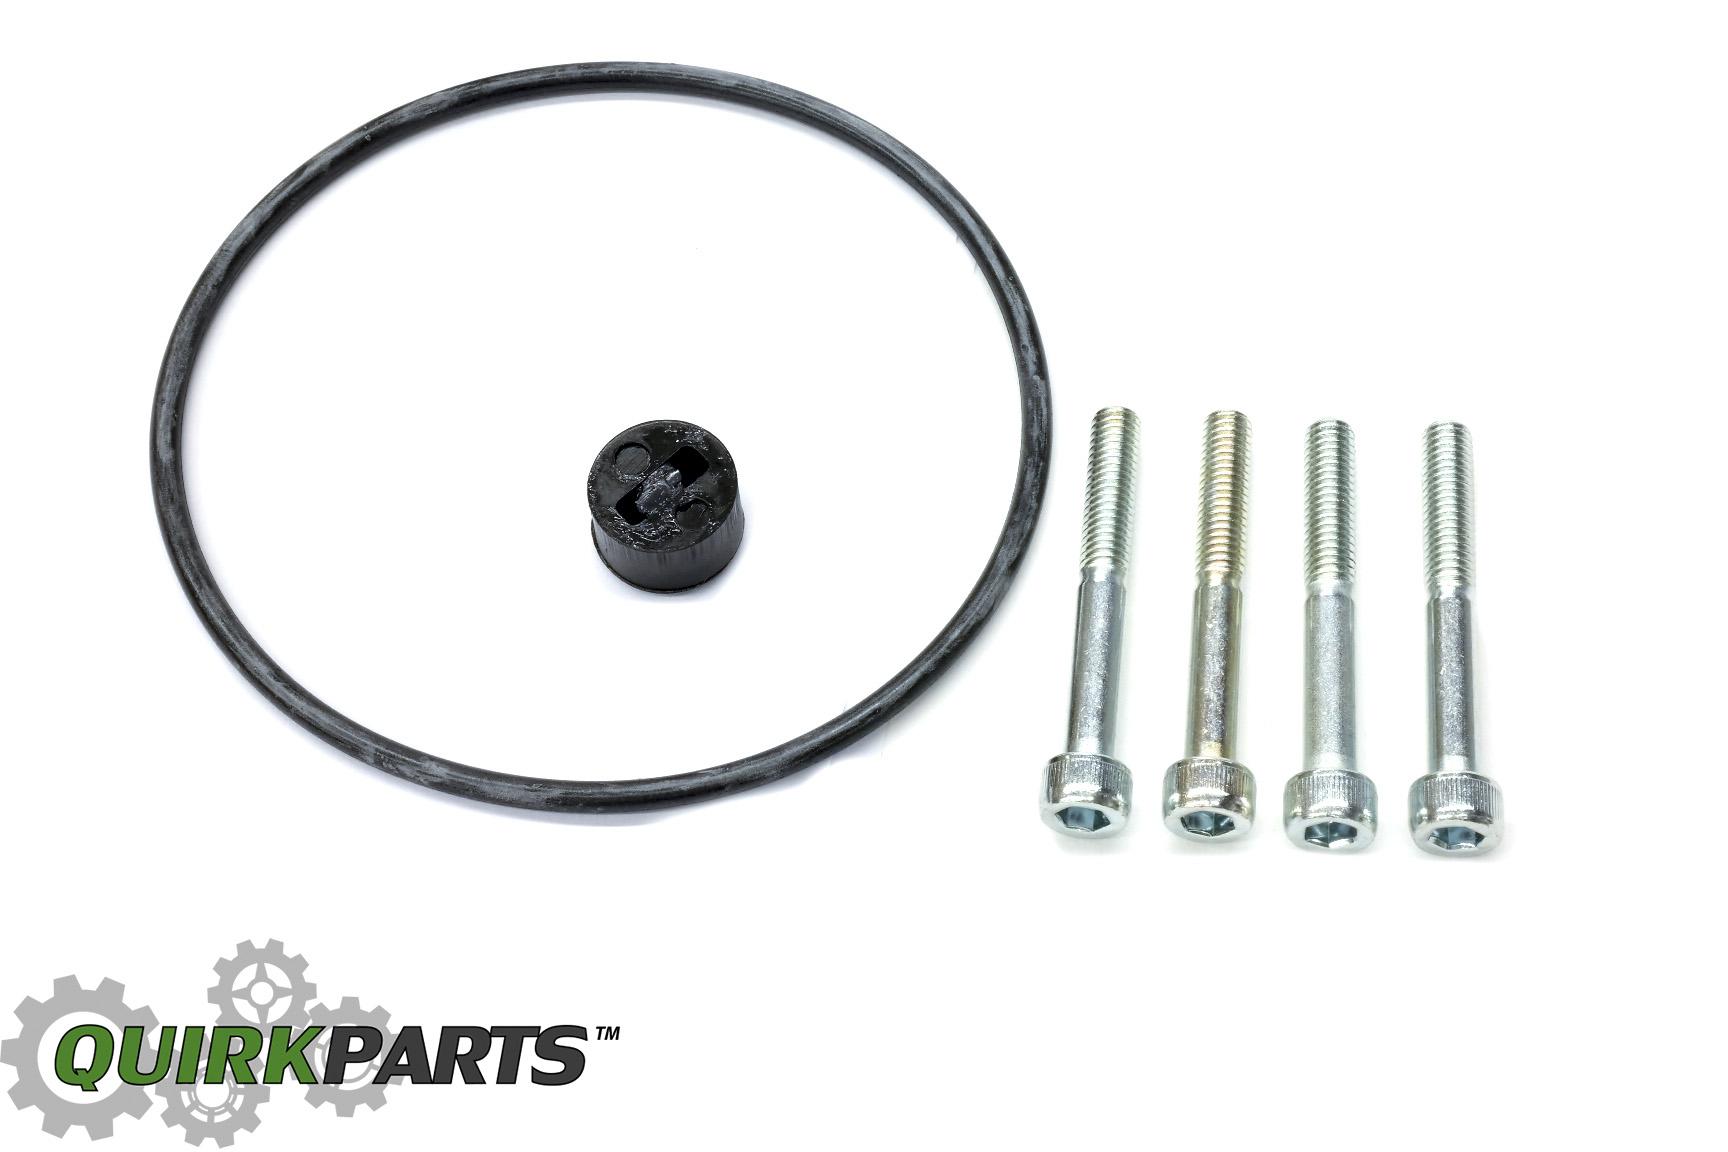 2004-2013 Mazda 3 2008-2013 Mazda 5 Power Steering Pump